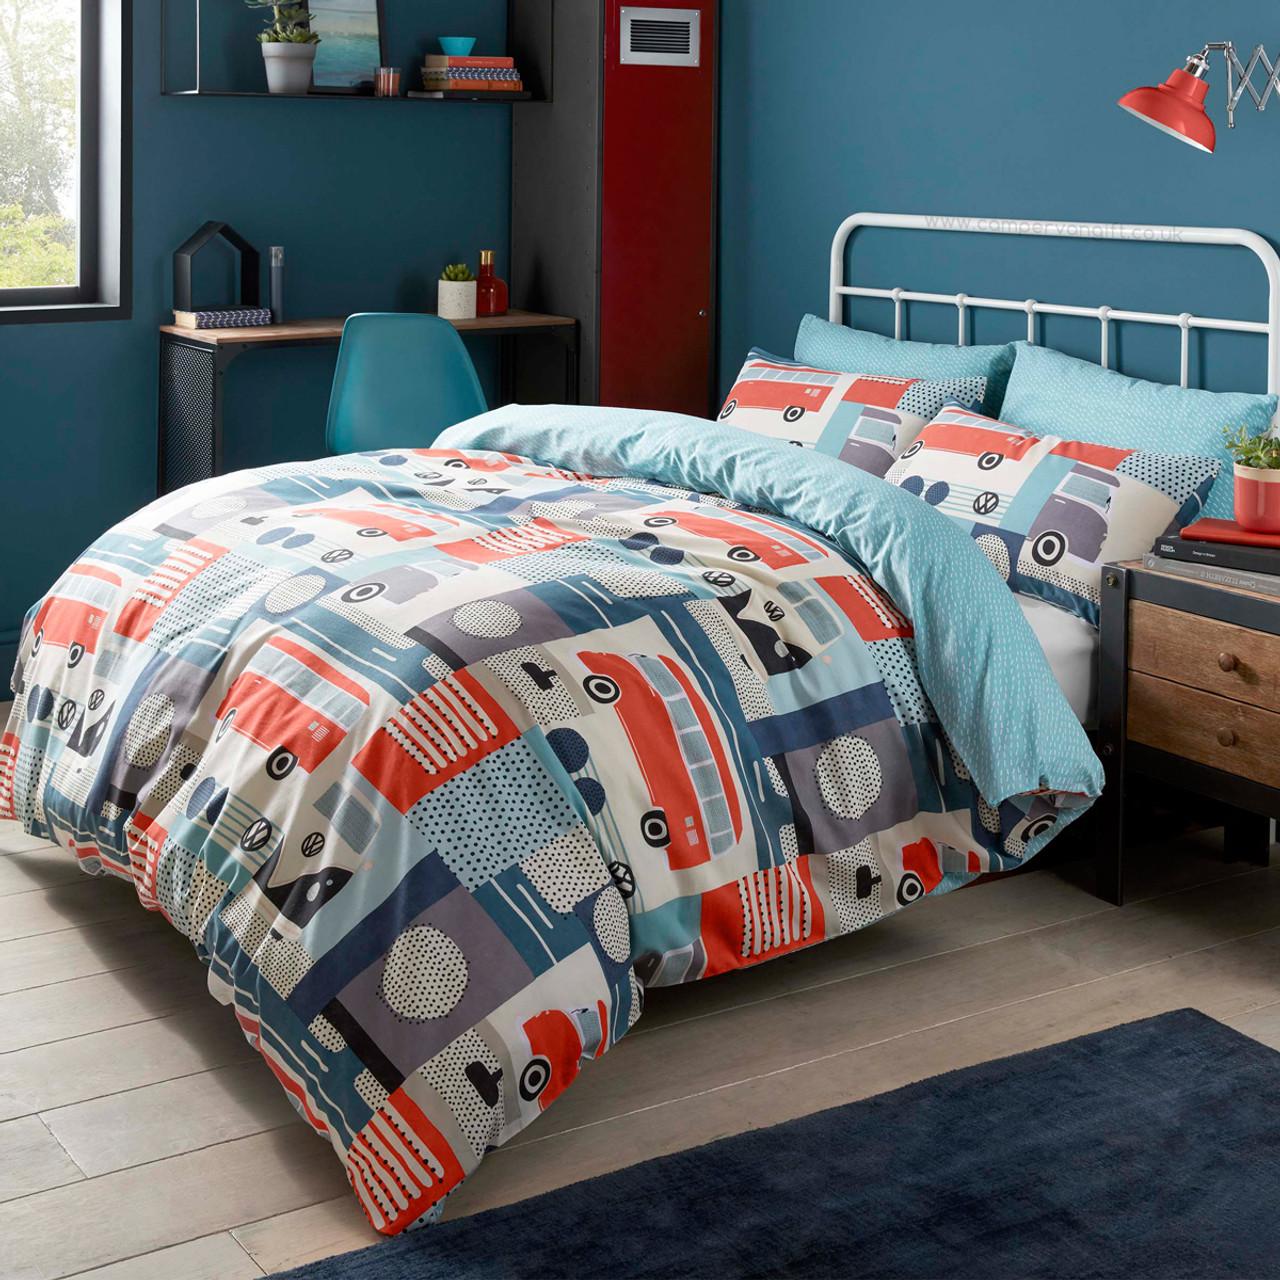 Volkswagen block print campervan duvet and pillow case set sleep in retro comfort